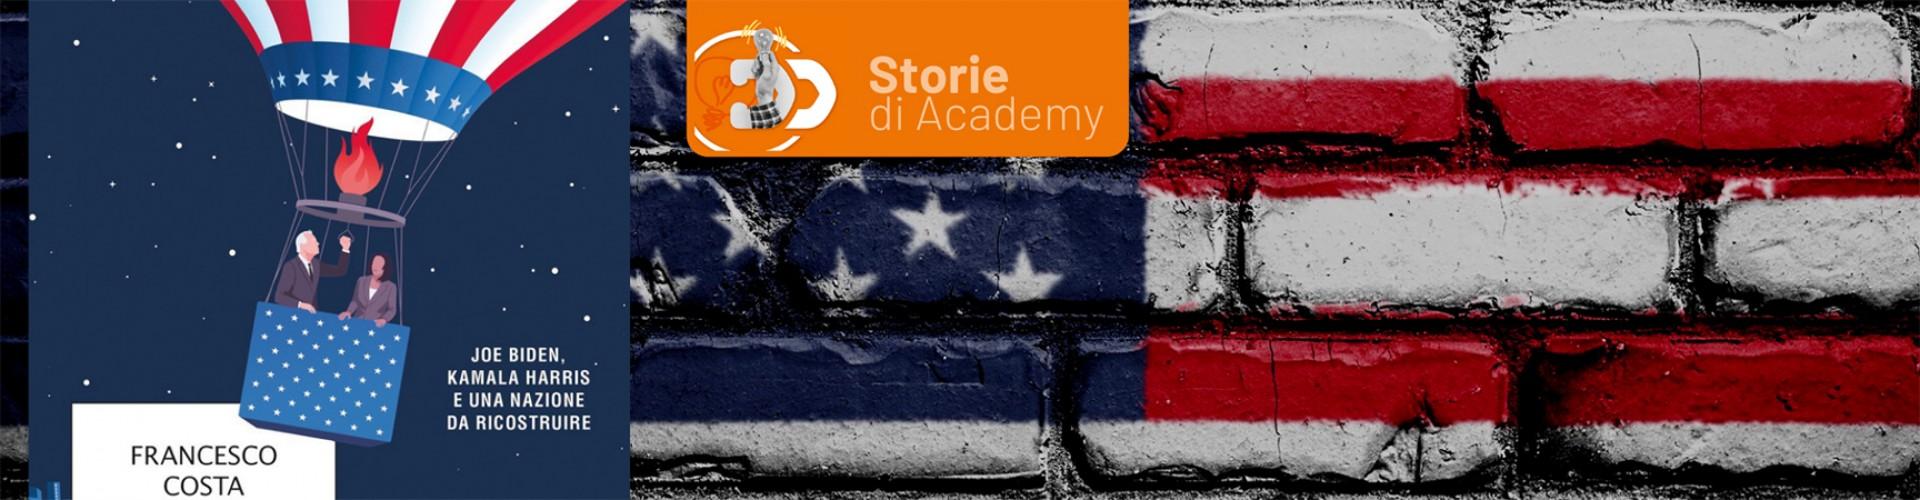 Francesco Costa <br> La cura di Biden per ricucire le ferite delle due Americhe